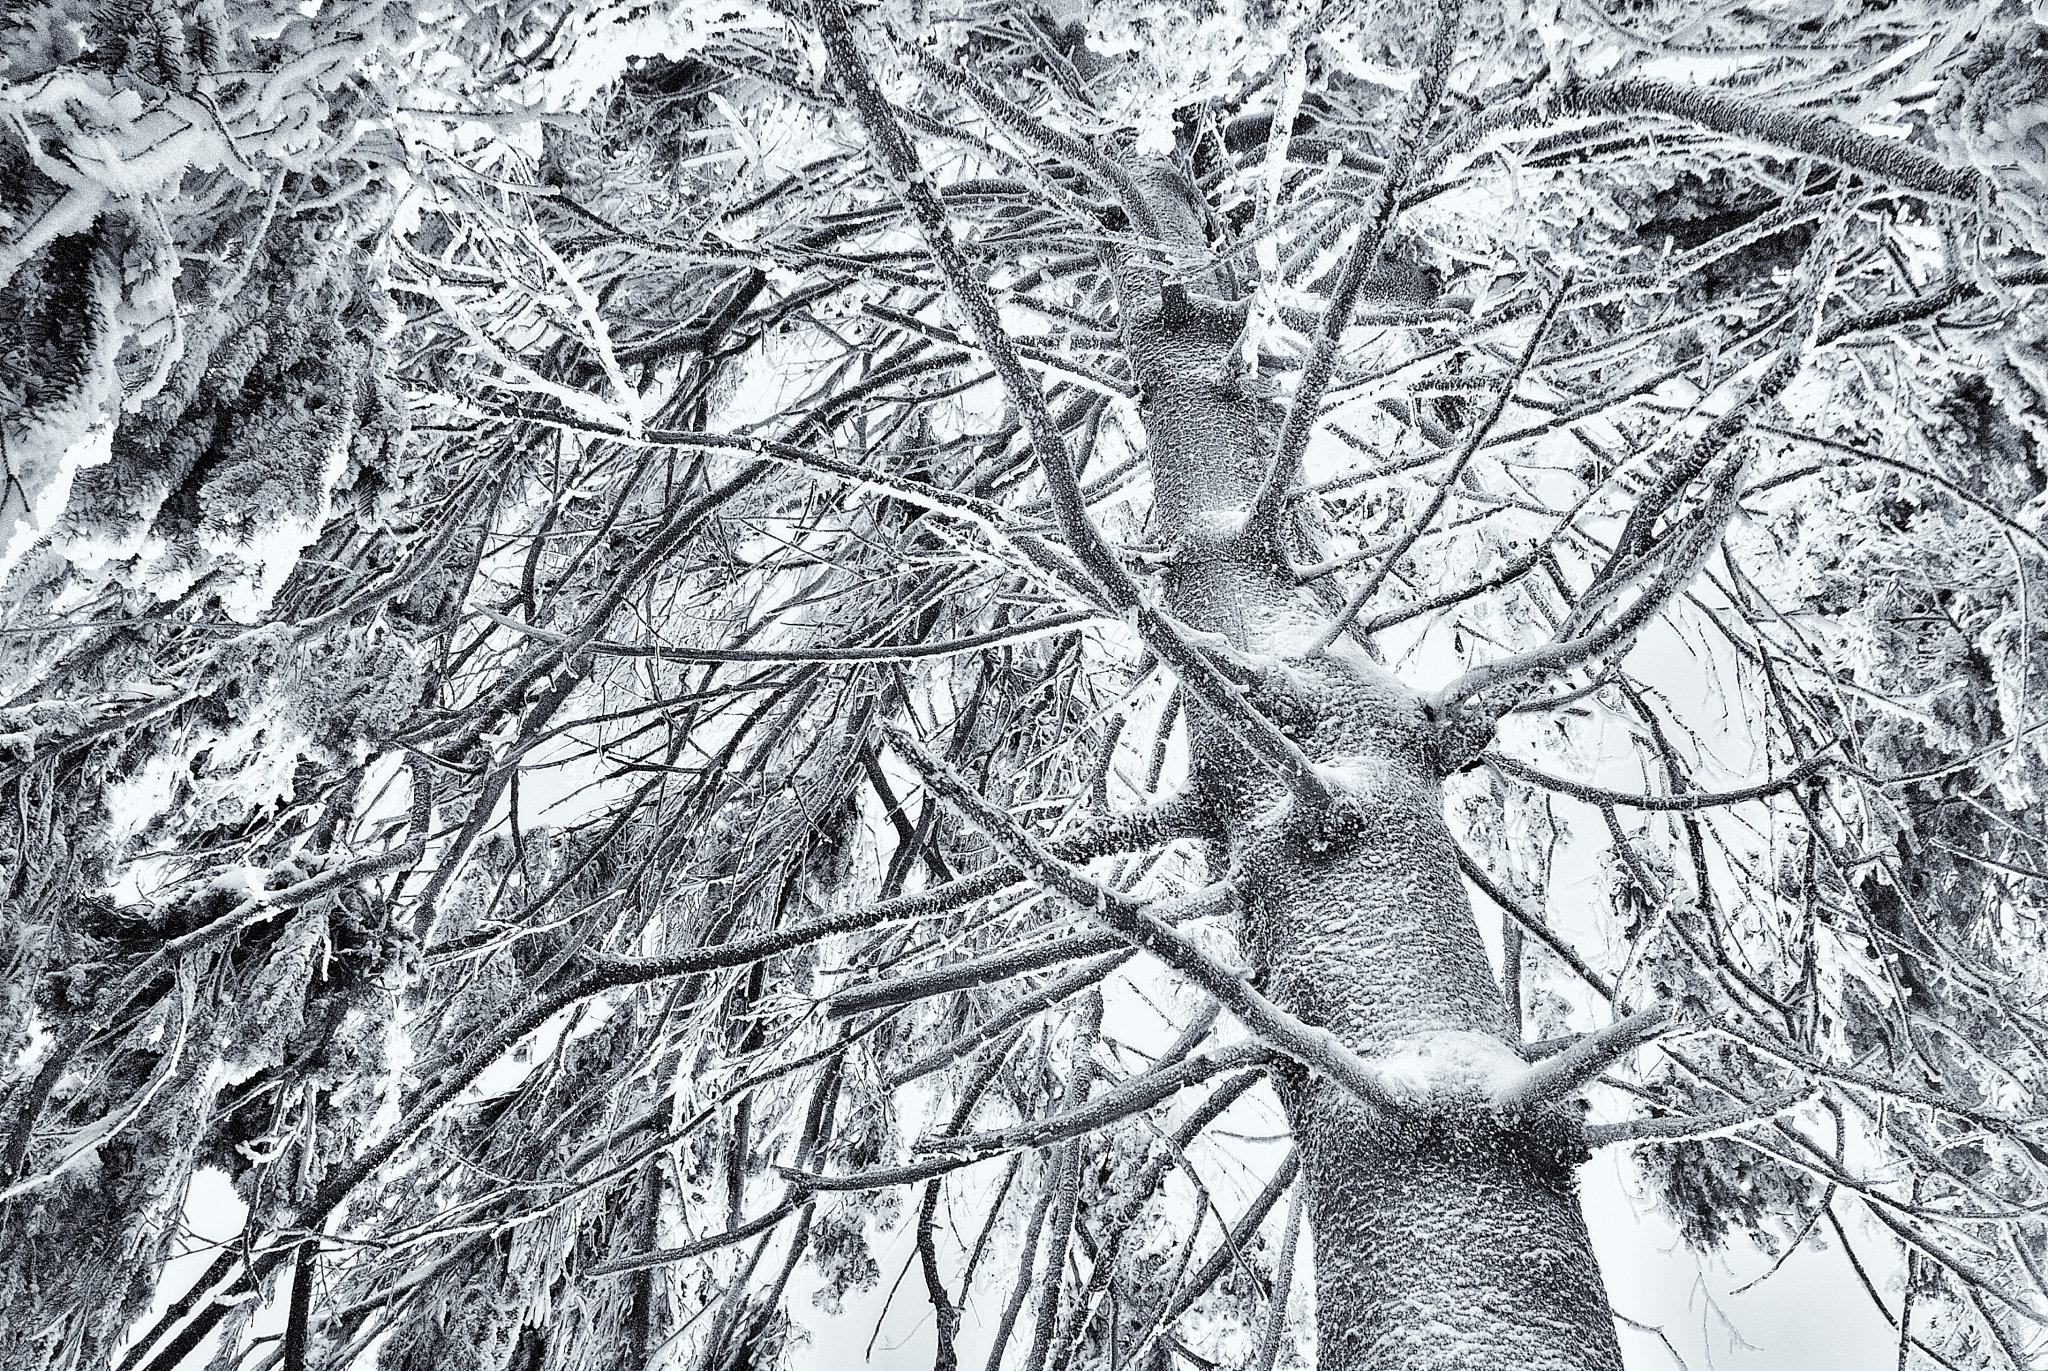 Clad in snow filigree by Jiri Ruzicka